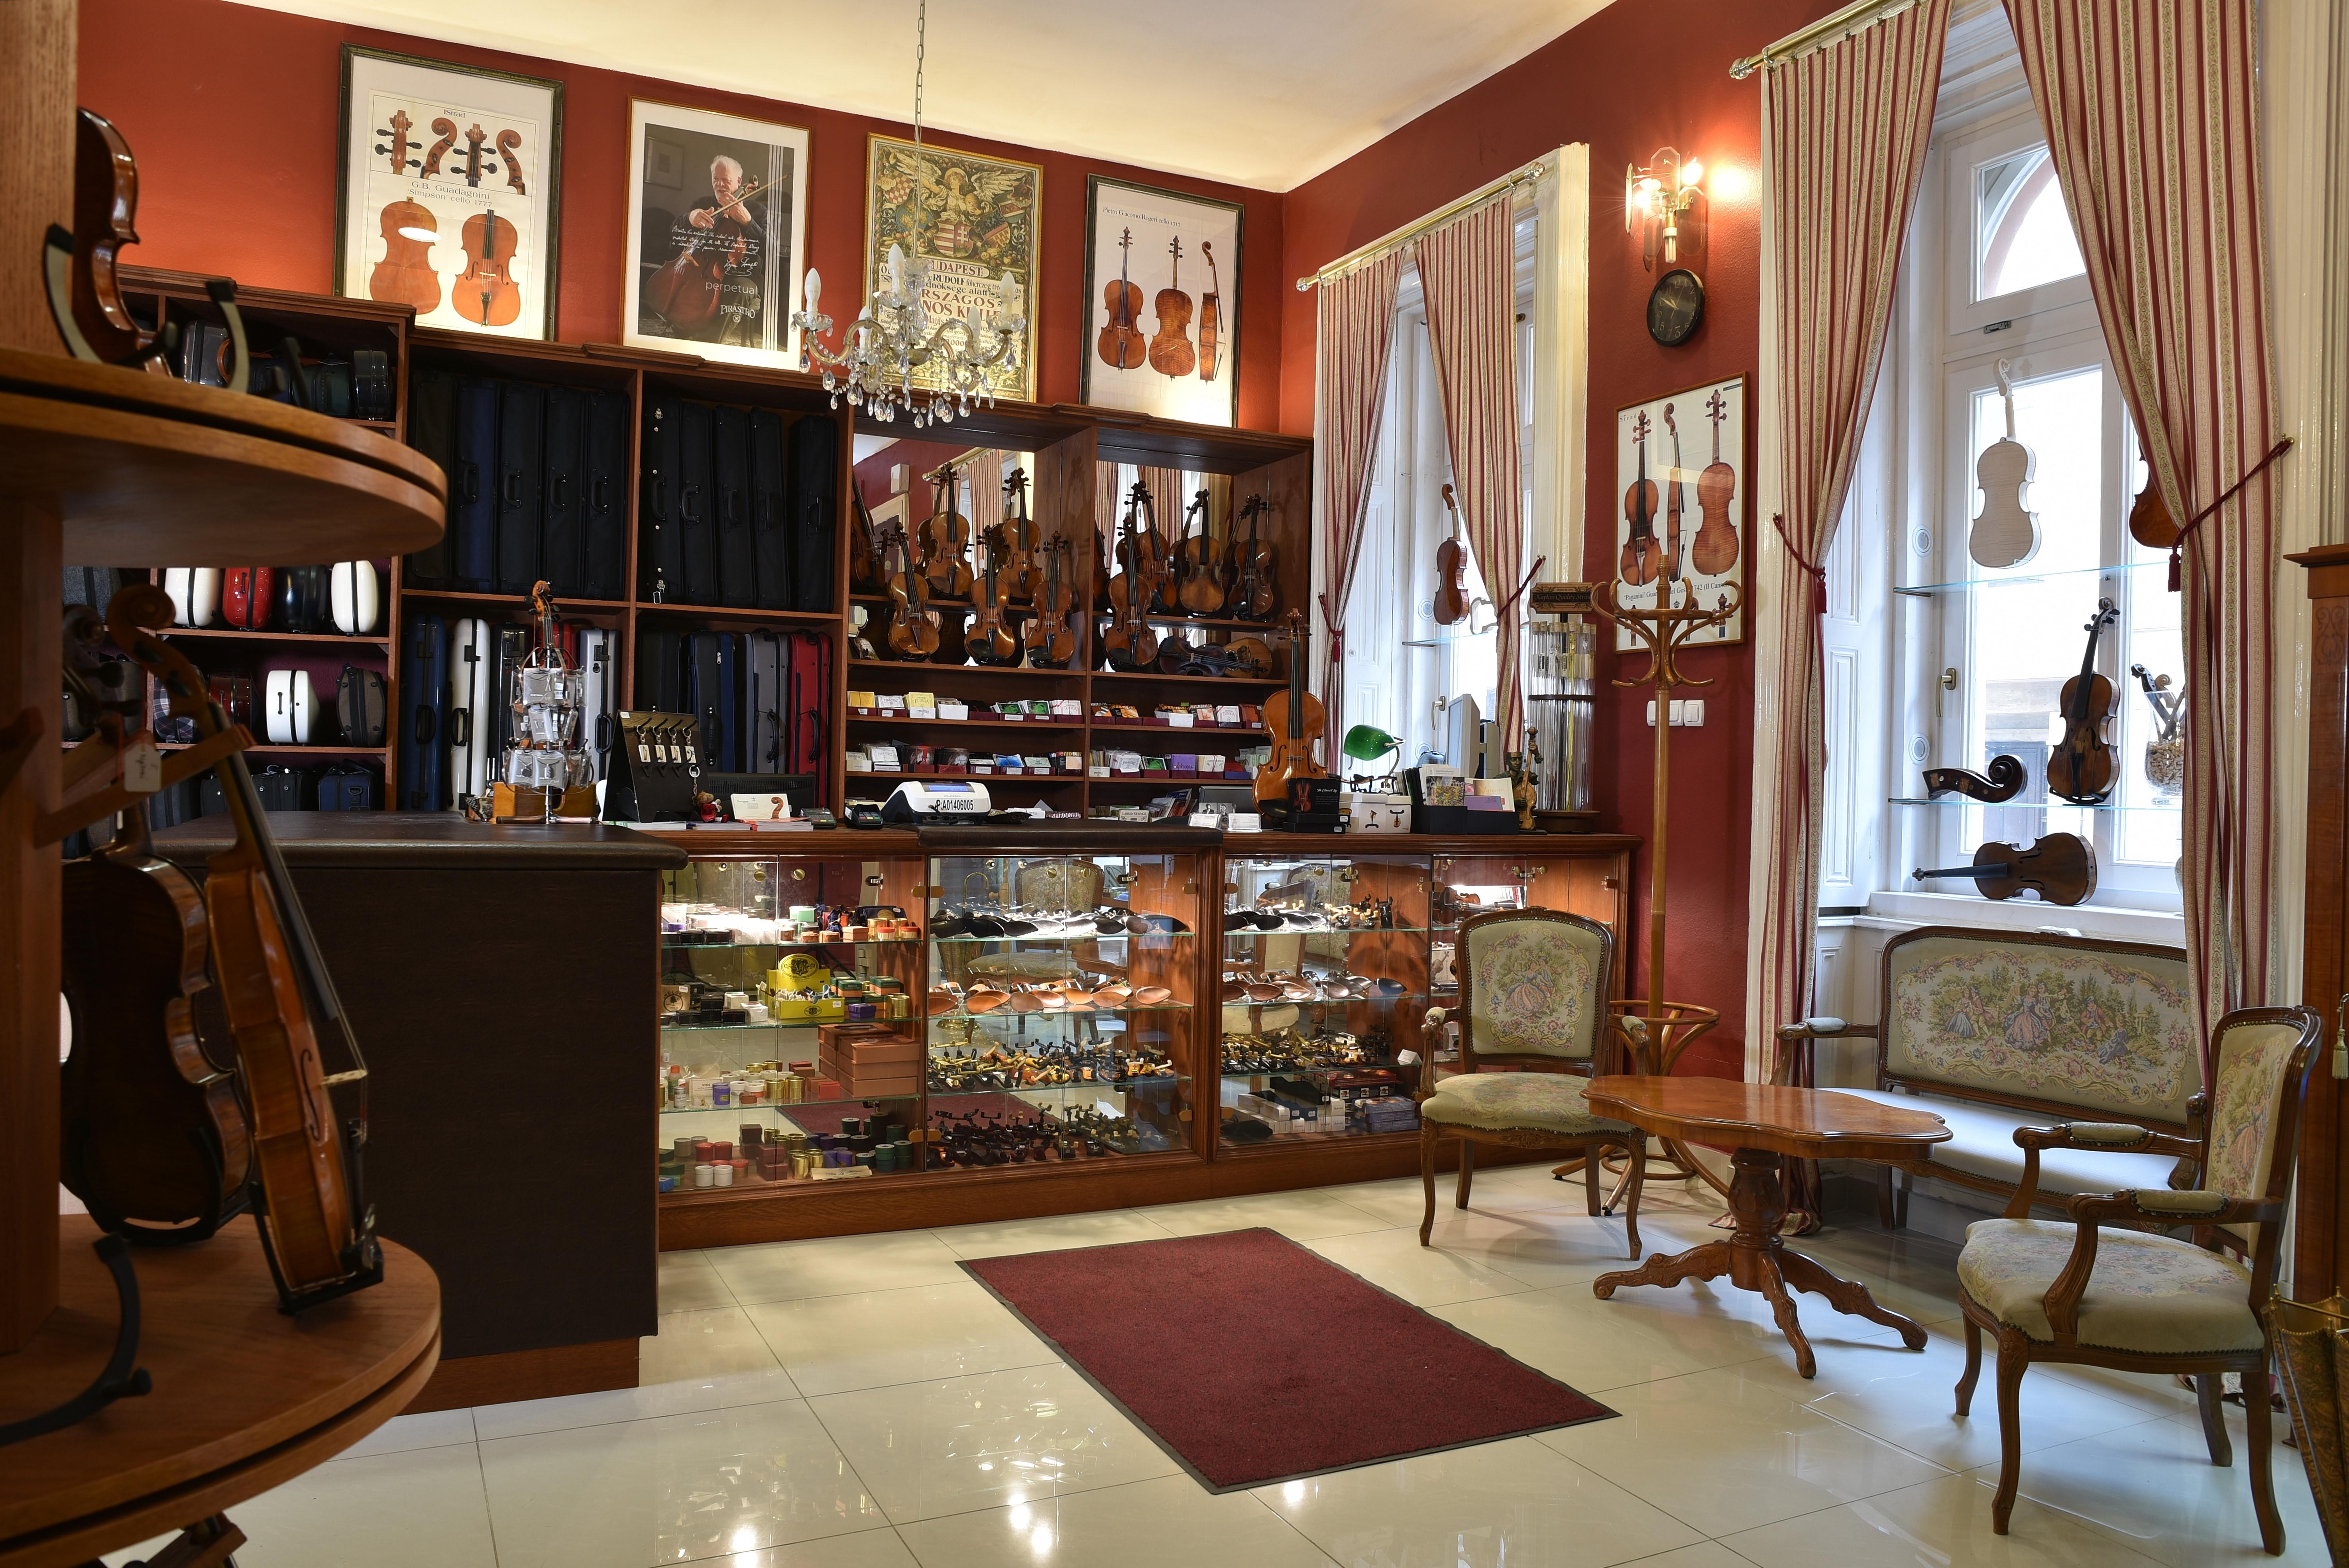 Darius Music - hegedűk, brácsák, csellók, nagybőgők, francia és német mestervonók